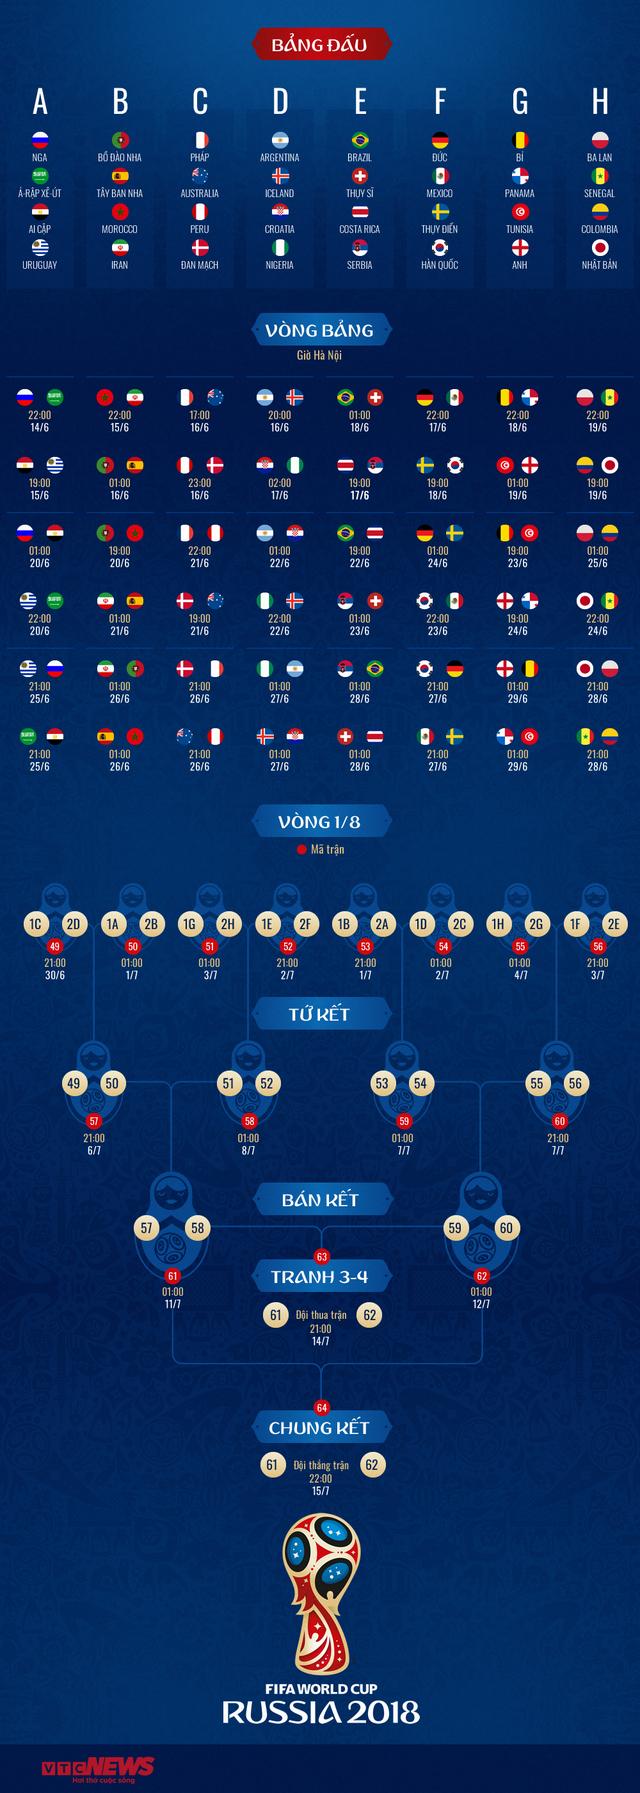 Lịch thi đấu bóng đá World Cup 2018 - Ảnh 1.